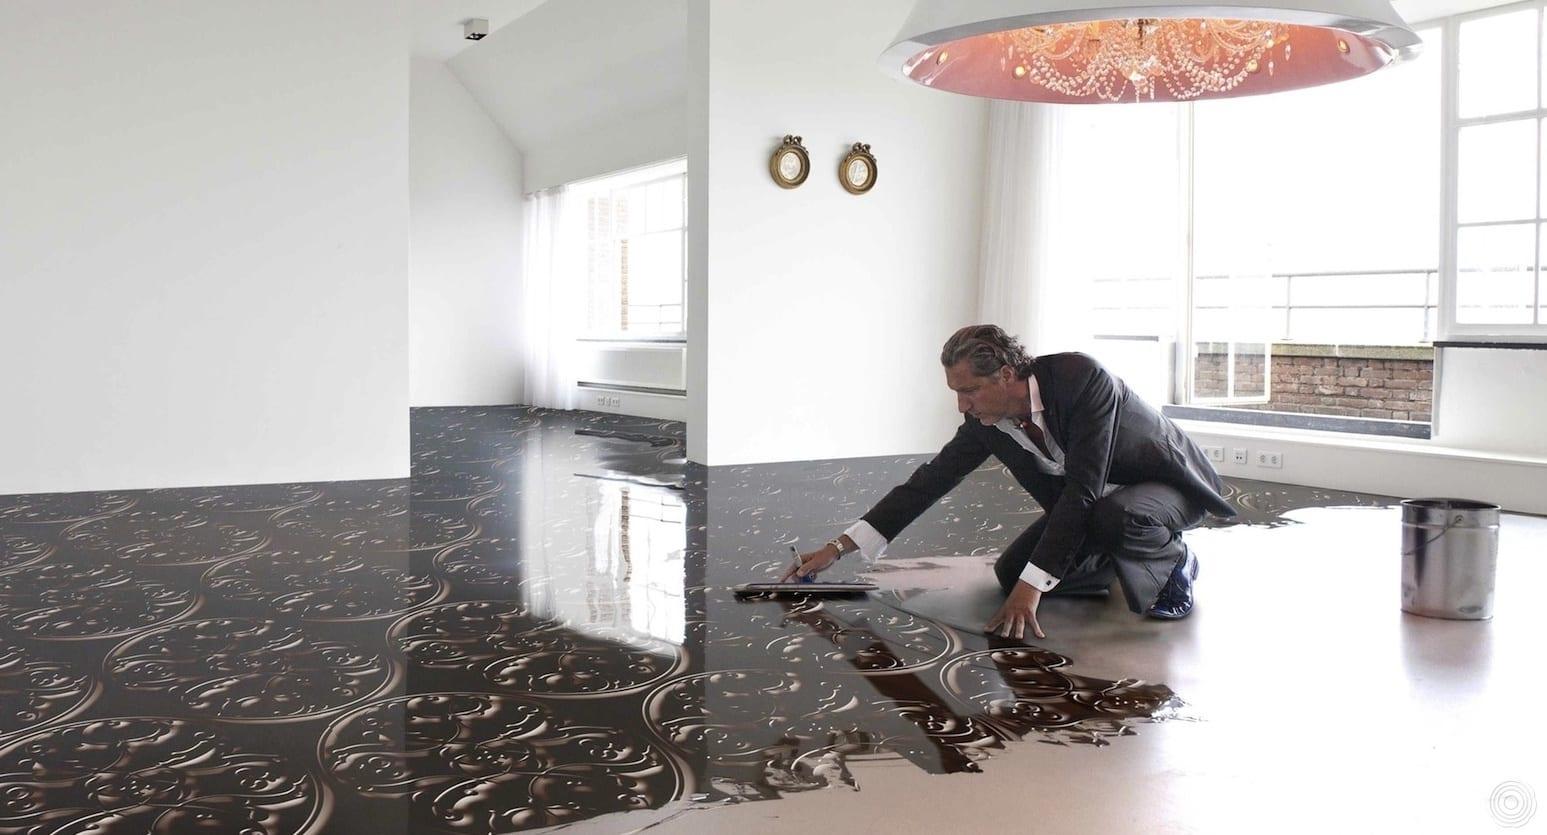 luxus bodenbelag mit 3D textur für luxus wohnzimmer